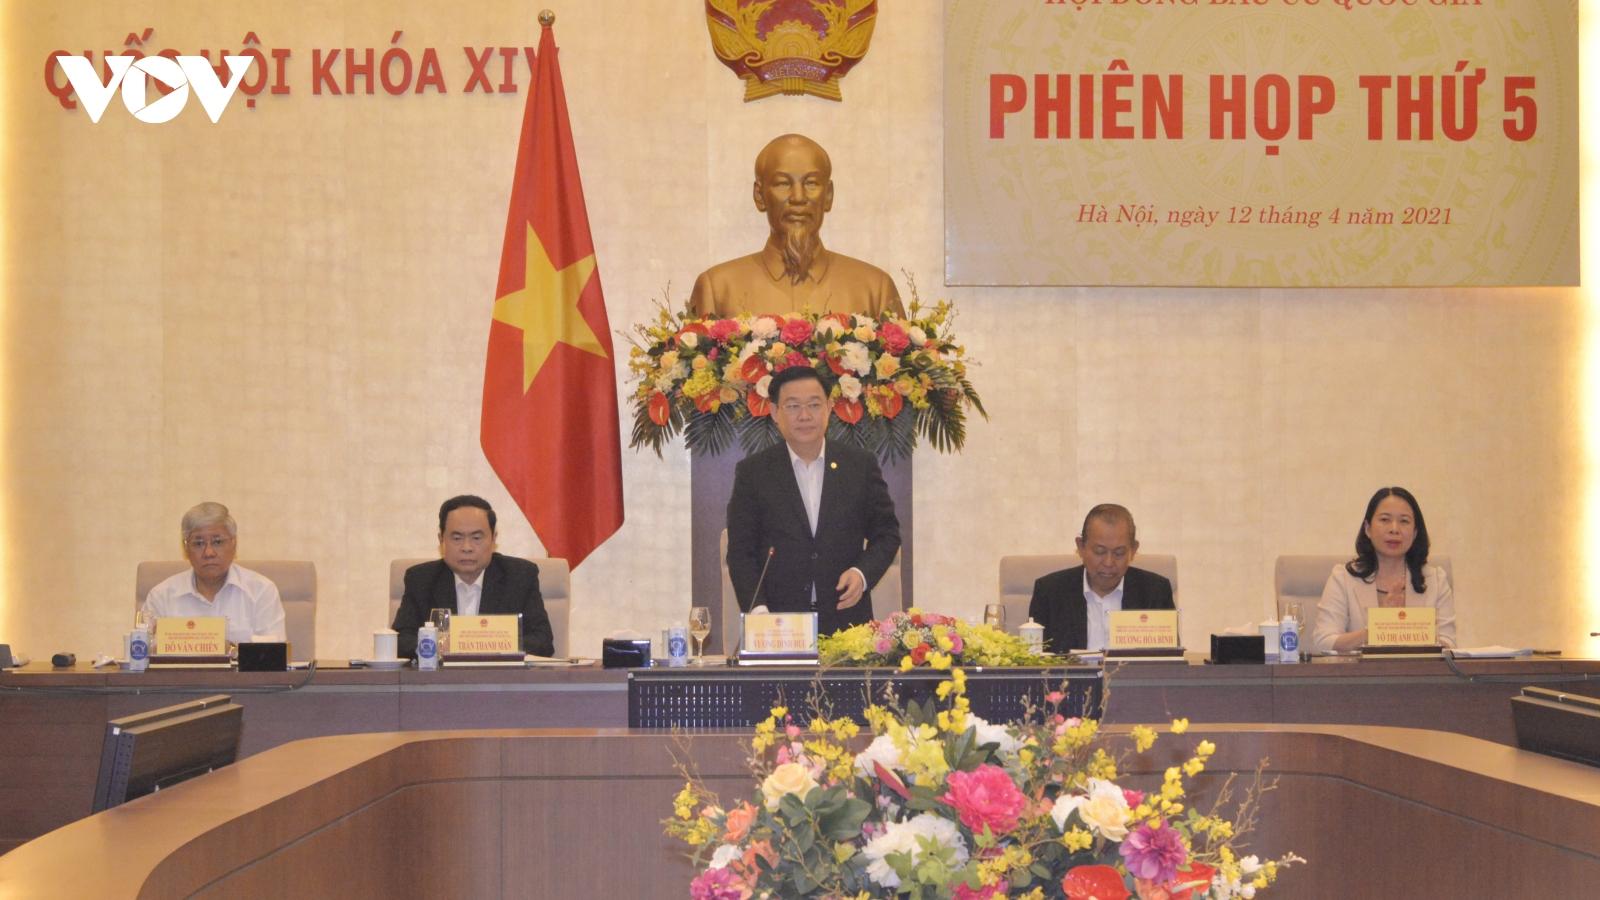 Chủ tịch Quốc hội Vương Đình Huệ chủ trì phiên họp thứ 5, Hội đồng bầu cử quốc gia